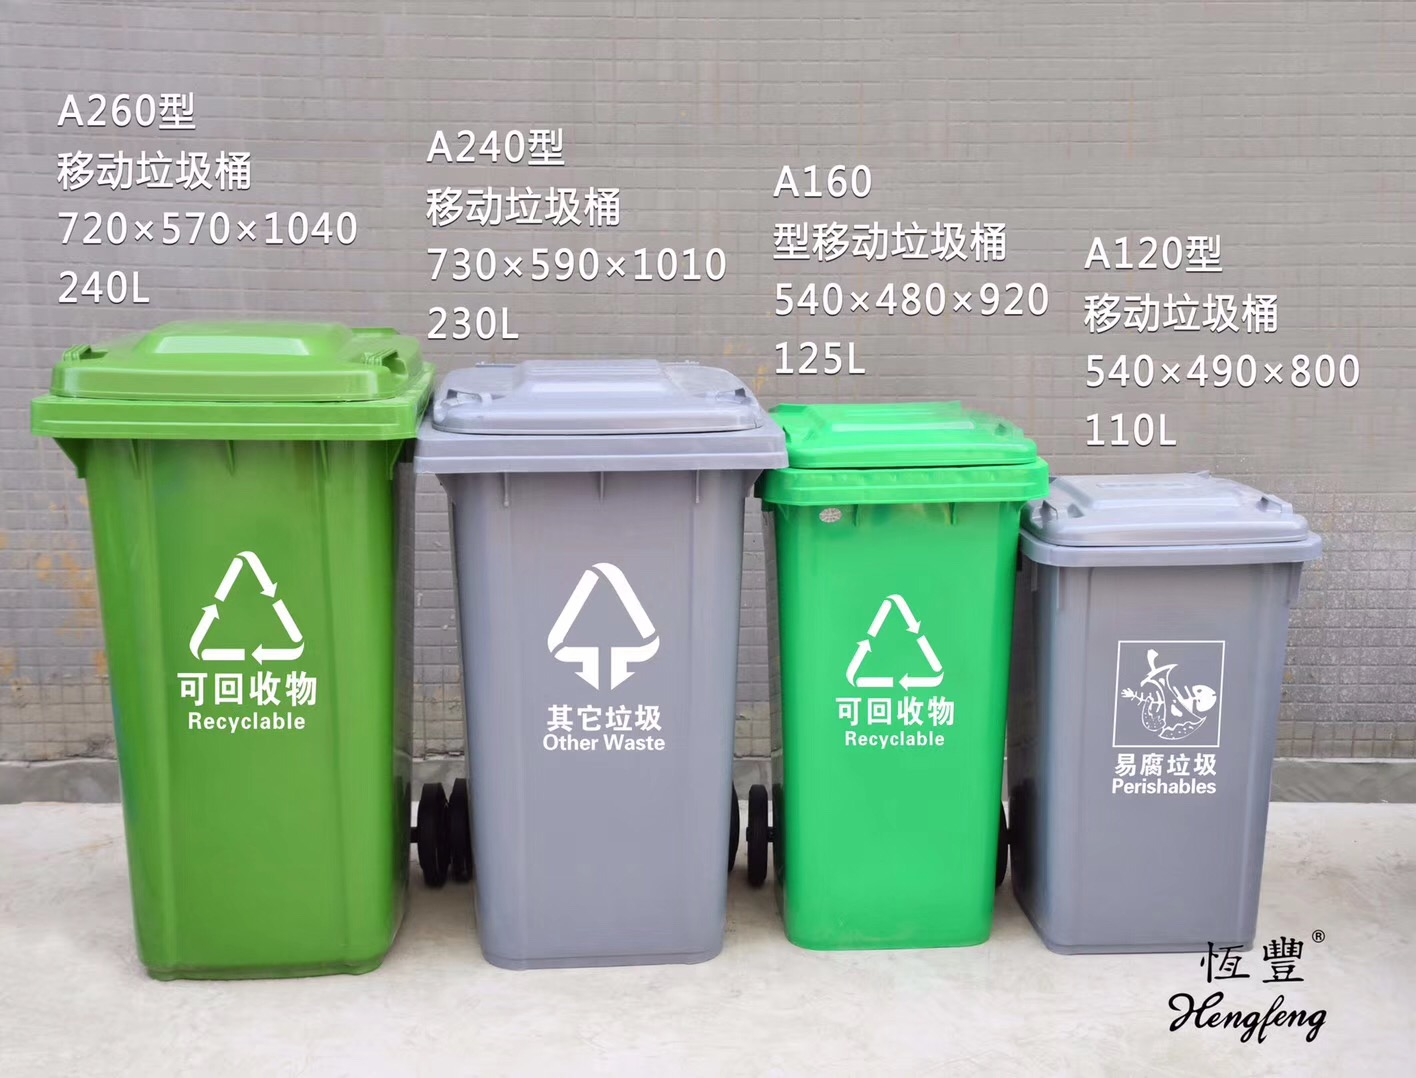 垃圾桶 脚踏垃圾桶 塑料垃圾桶 四川垃圾桶